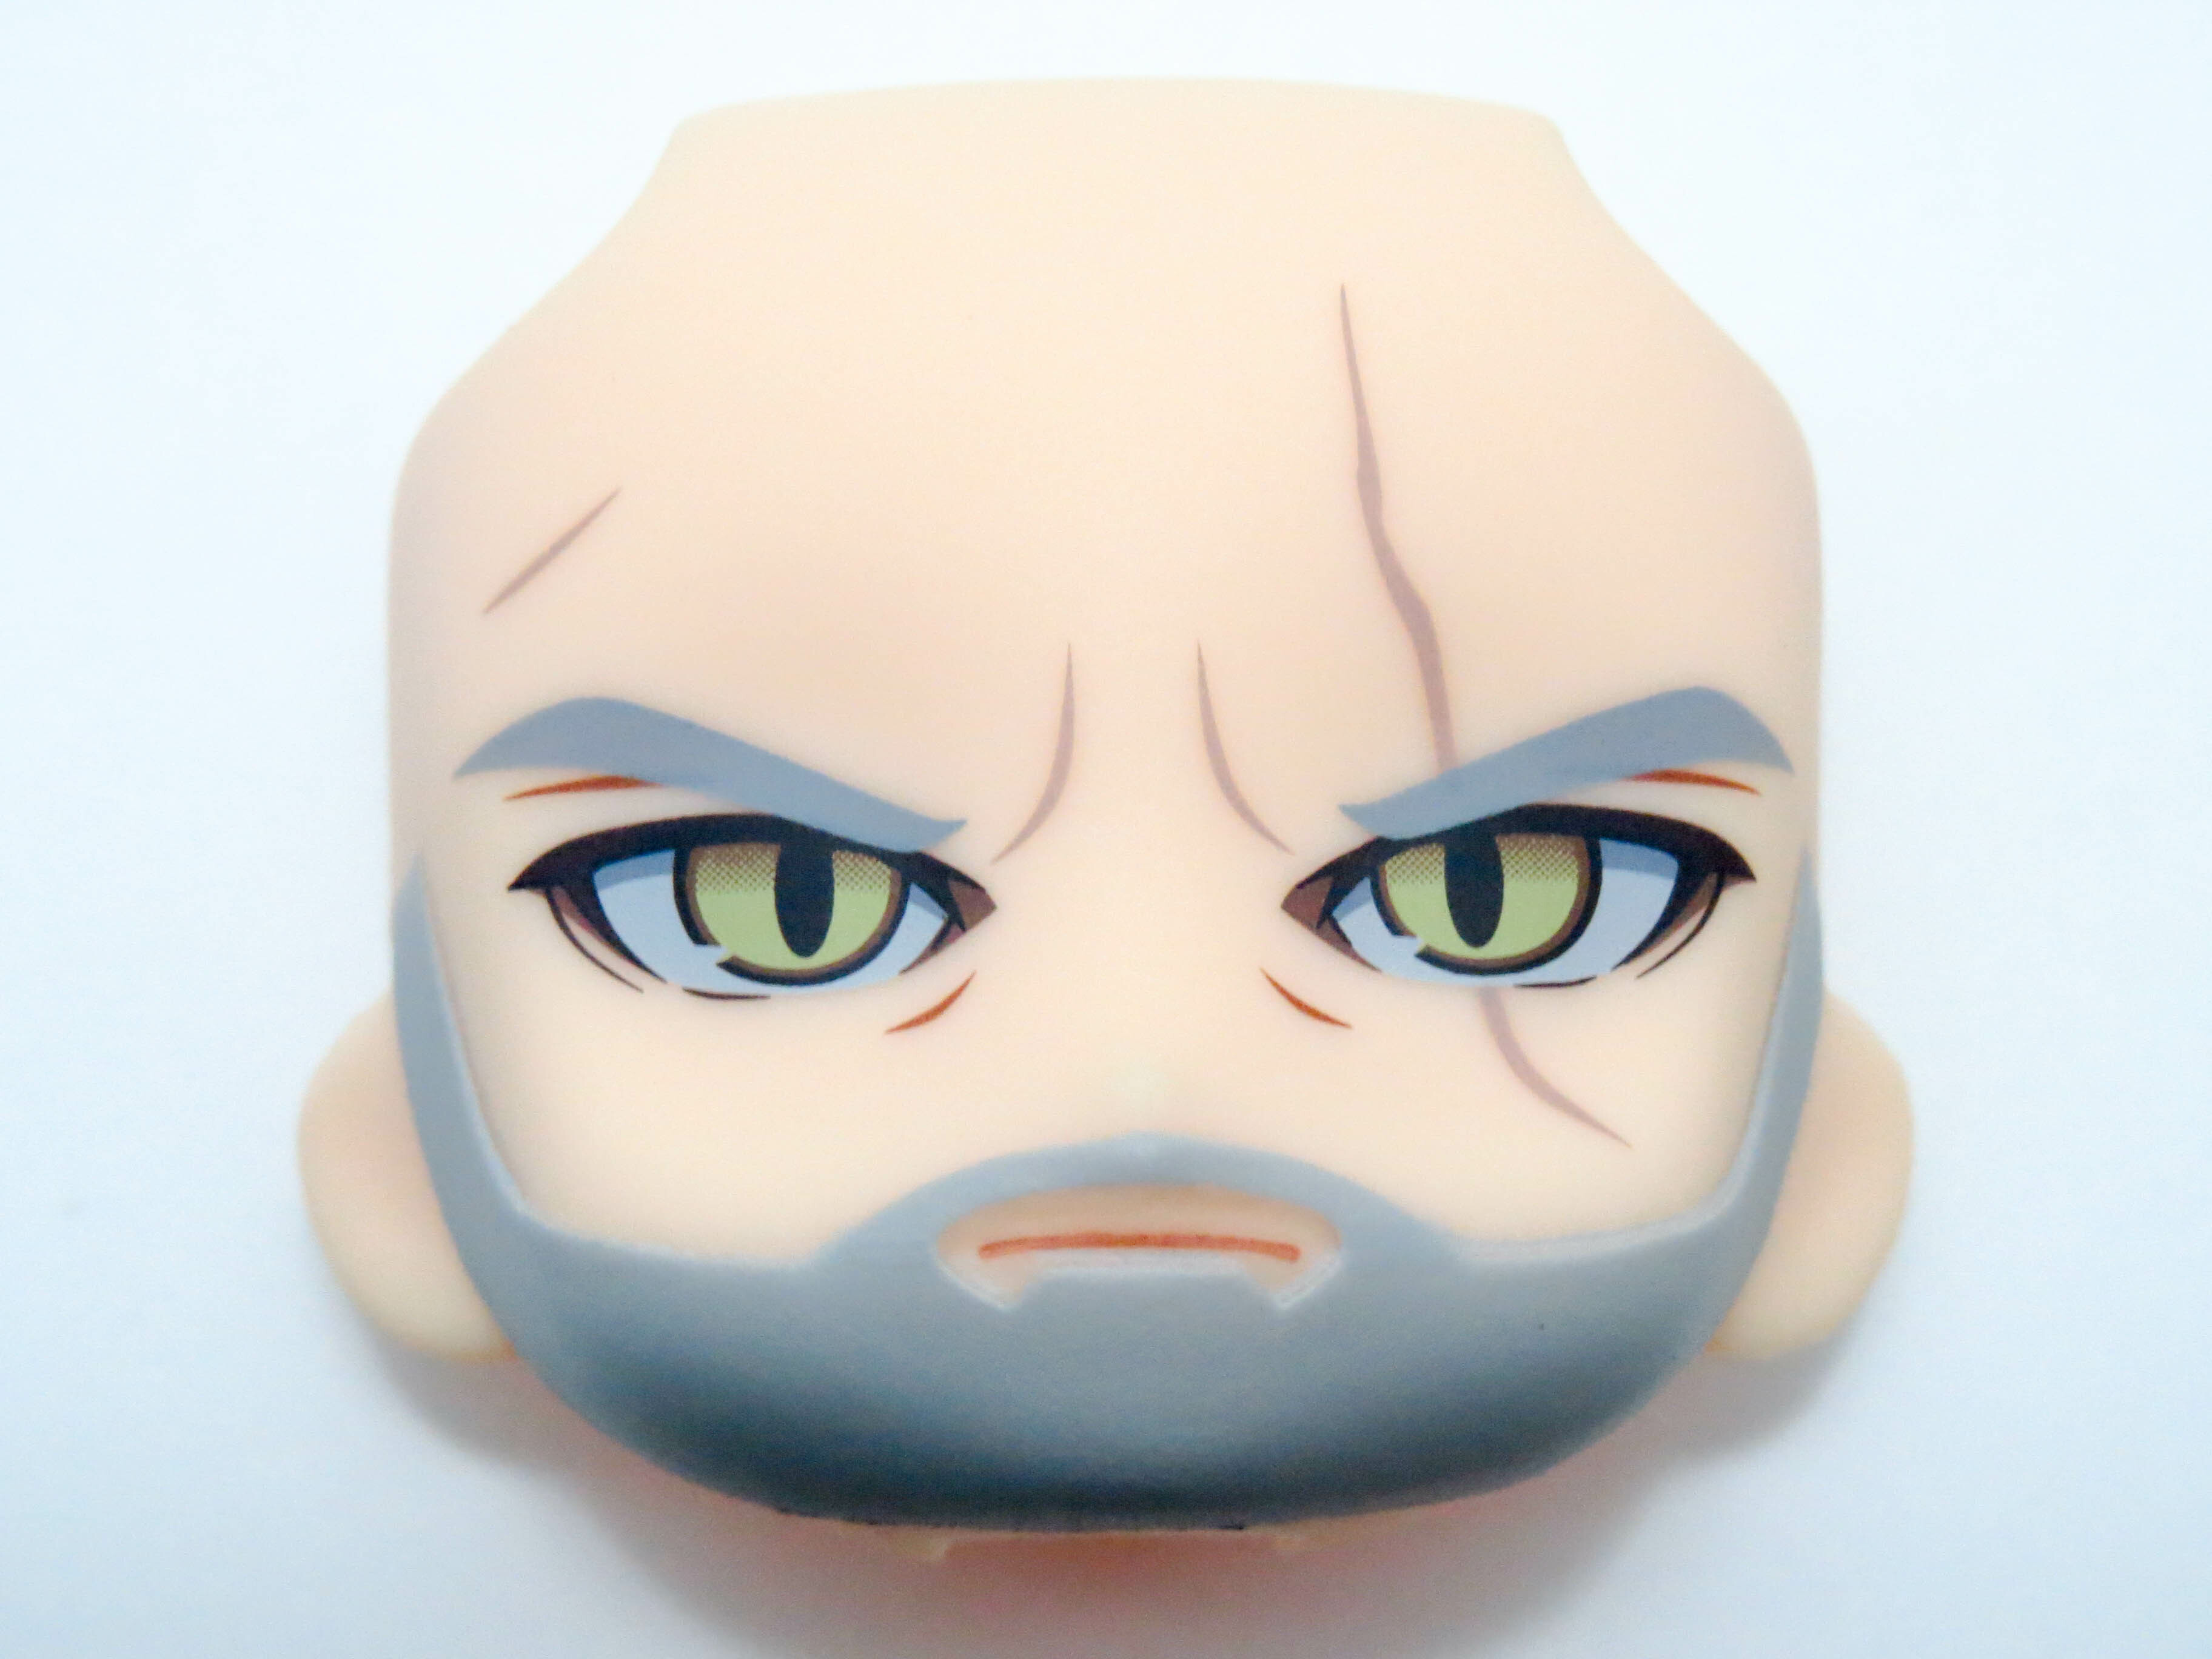 【SALE】【907】 ゲラルト 顔パーツ 普通 ねんどろいど